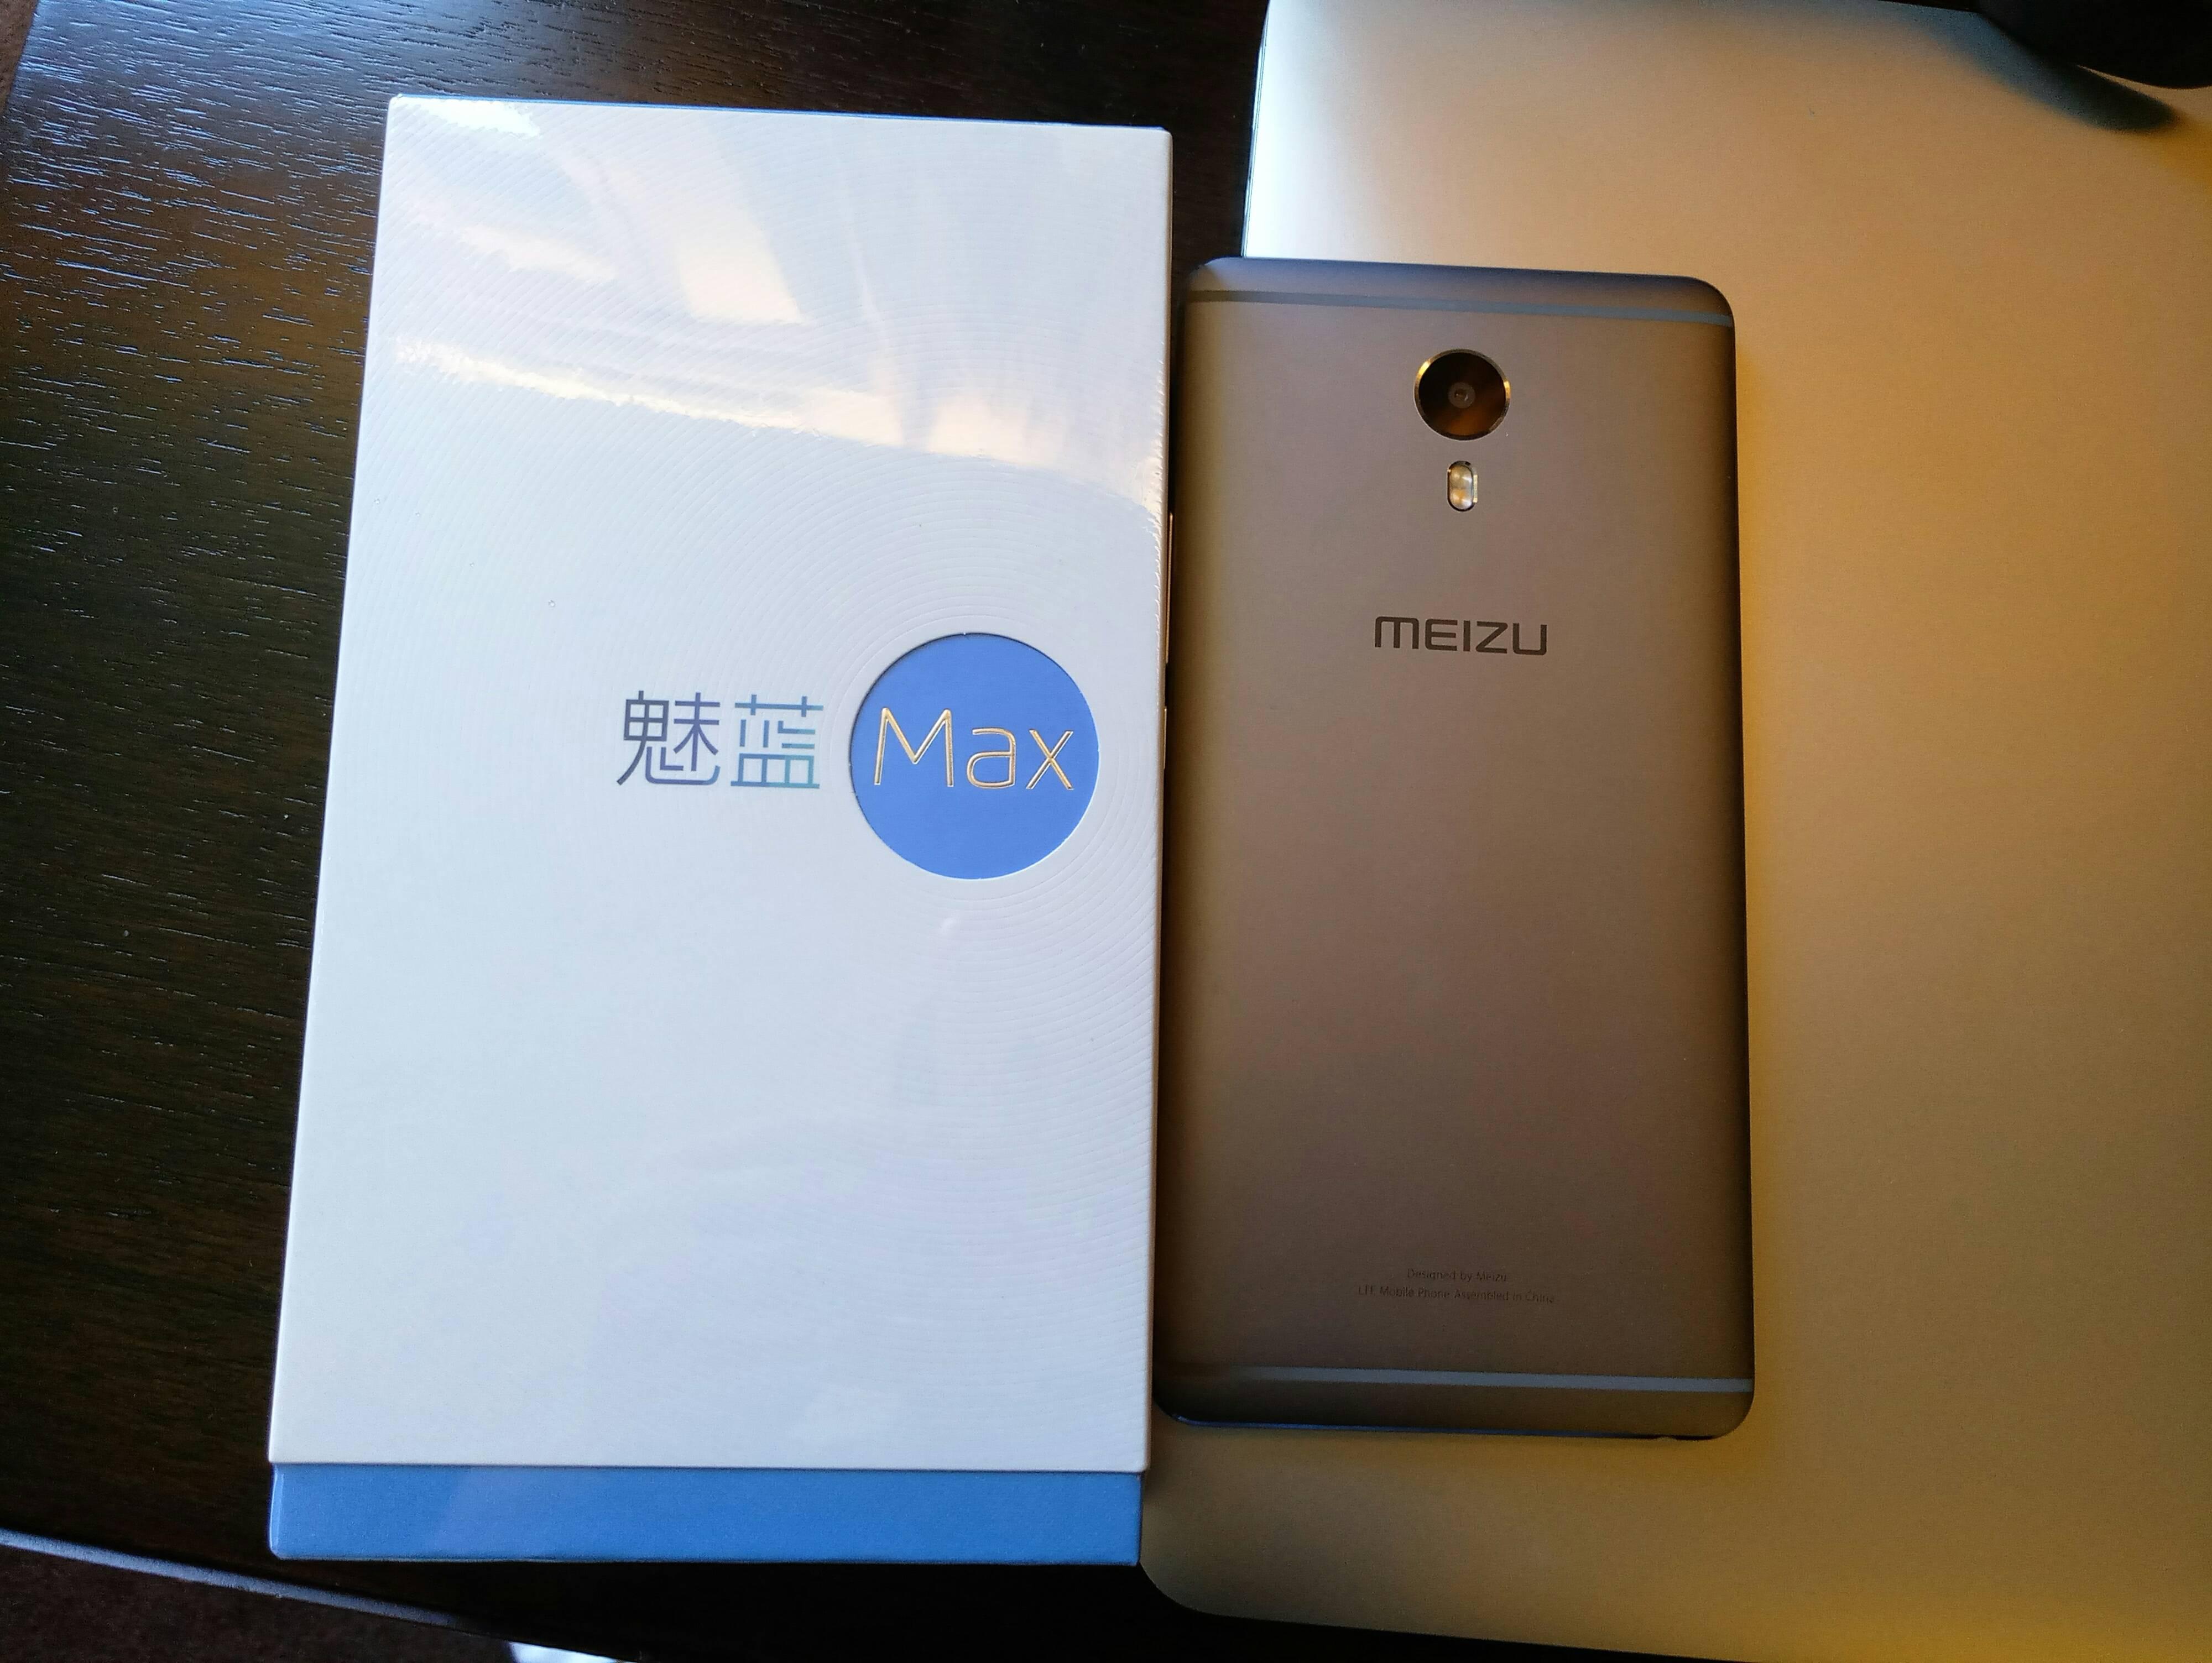 Meizu M3 Maxの化粧箱が公開。ASUSのZenfoneの様なスライド式に。